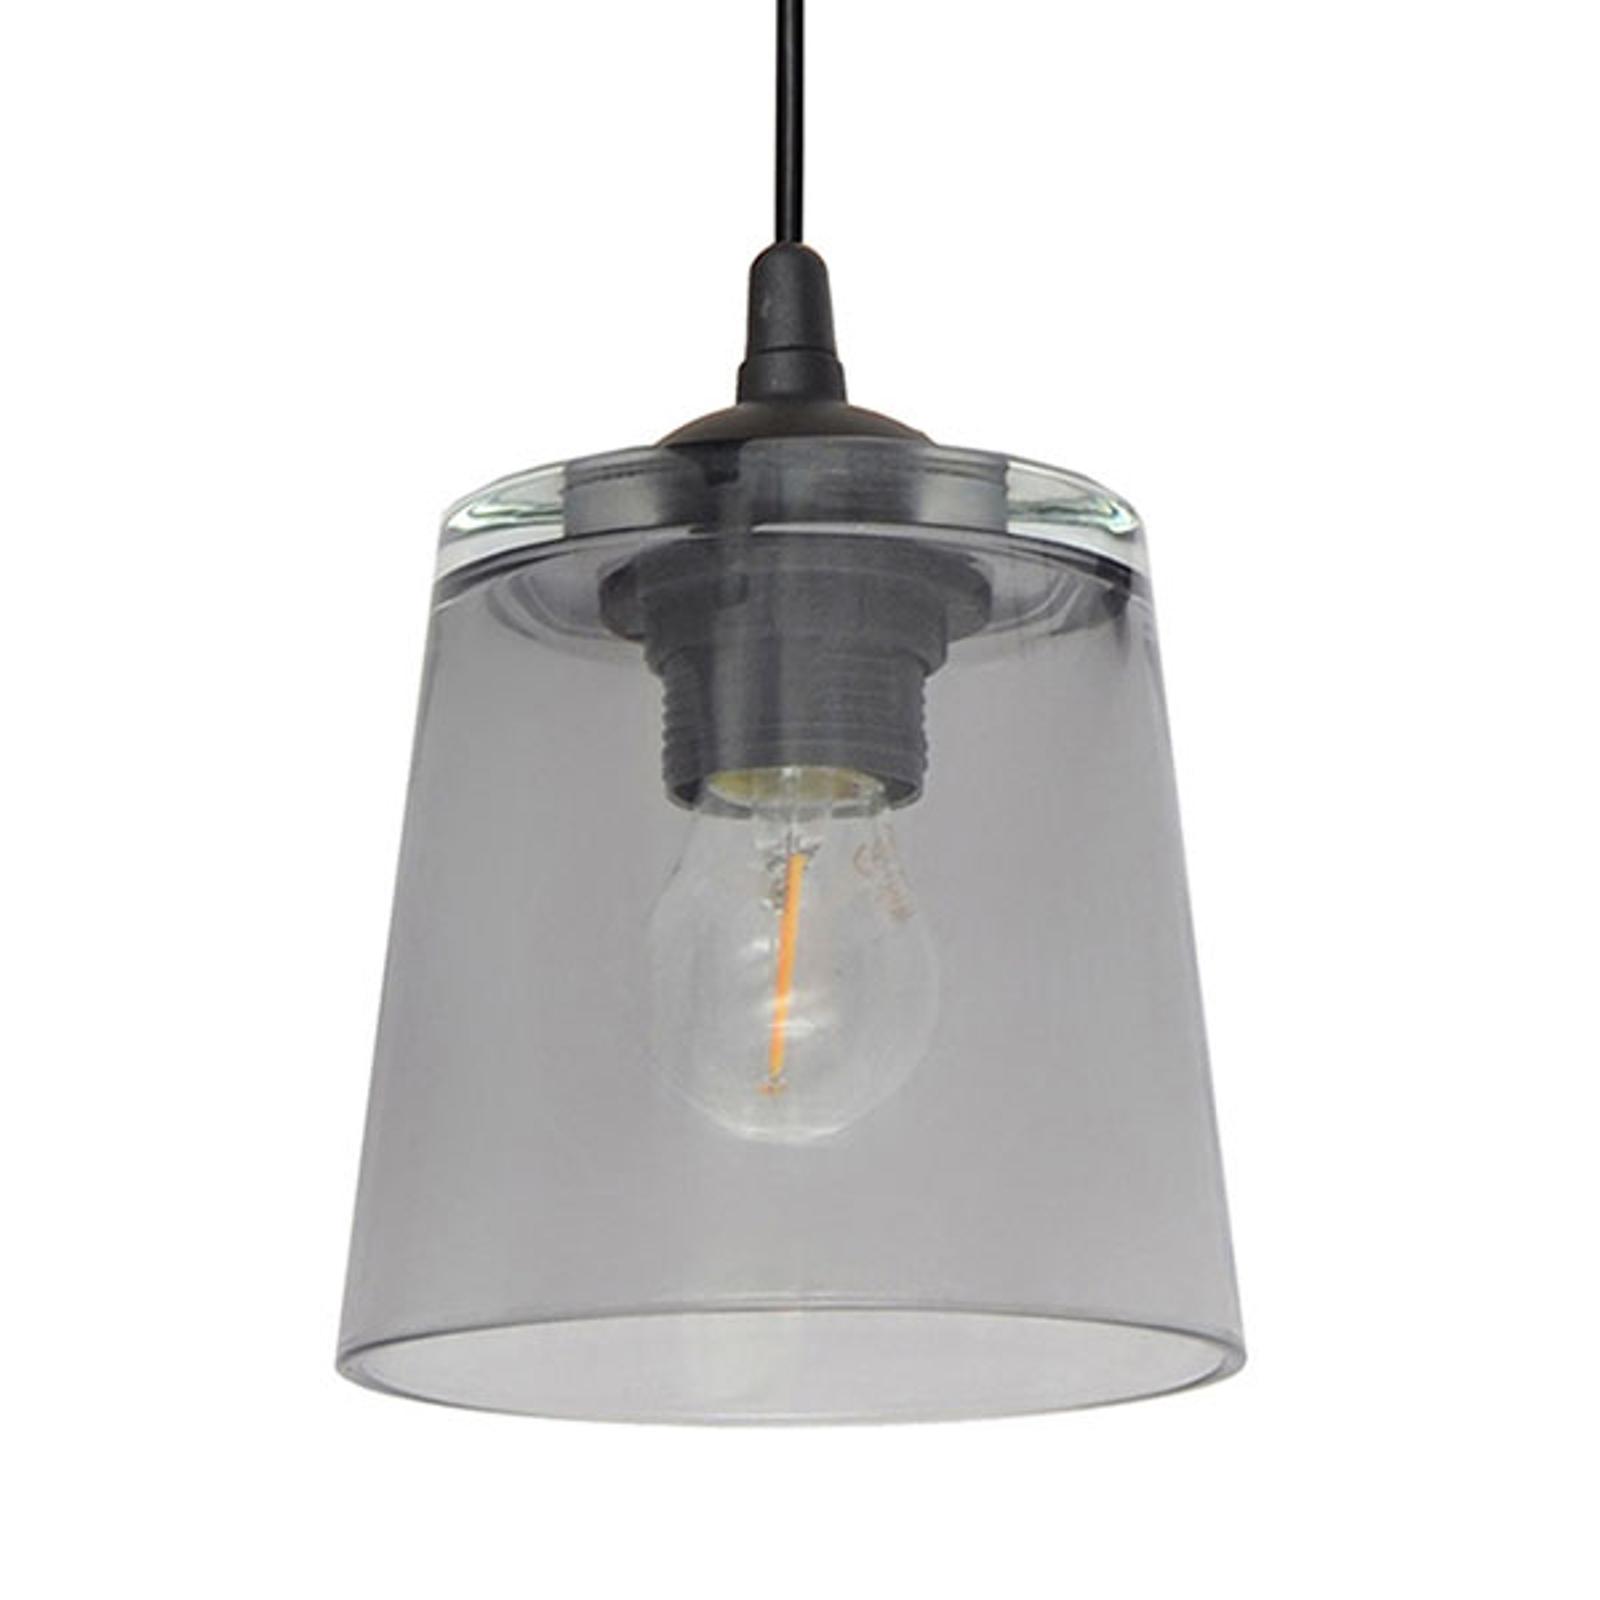 Lampa wisząca Lucea 1-pkt. szklany klosz smoke